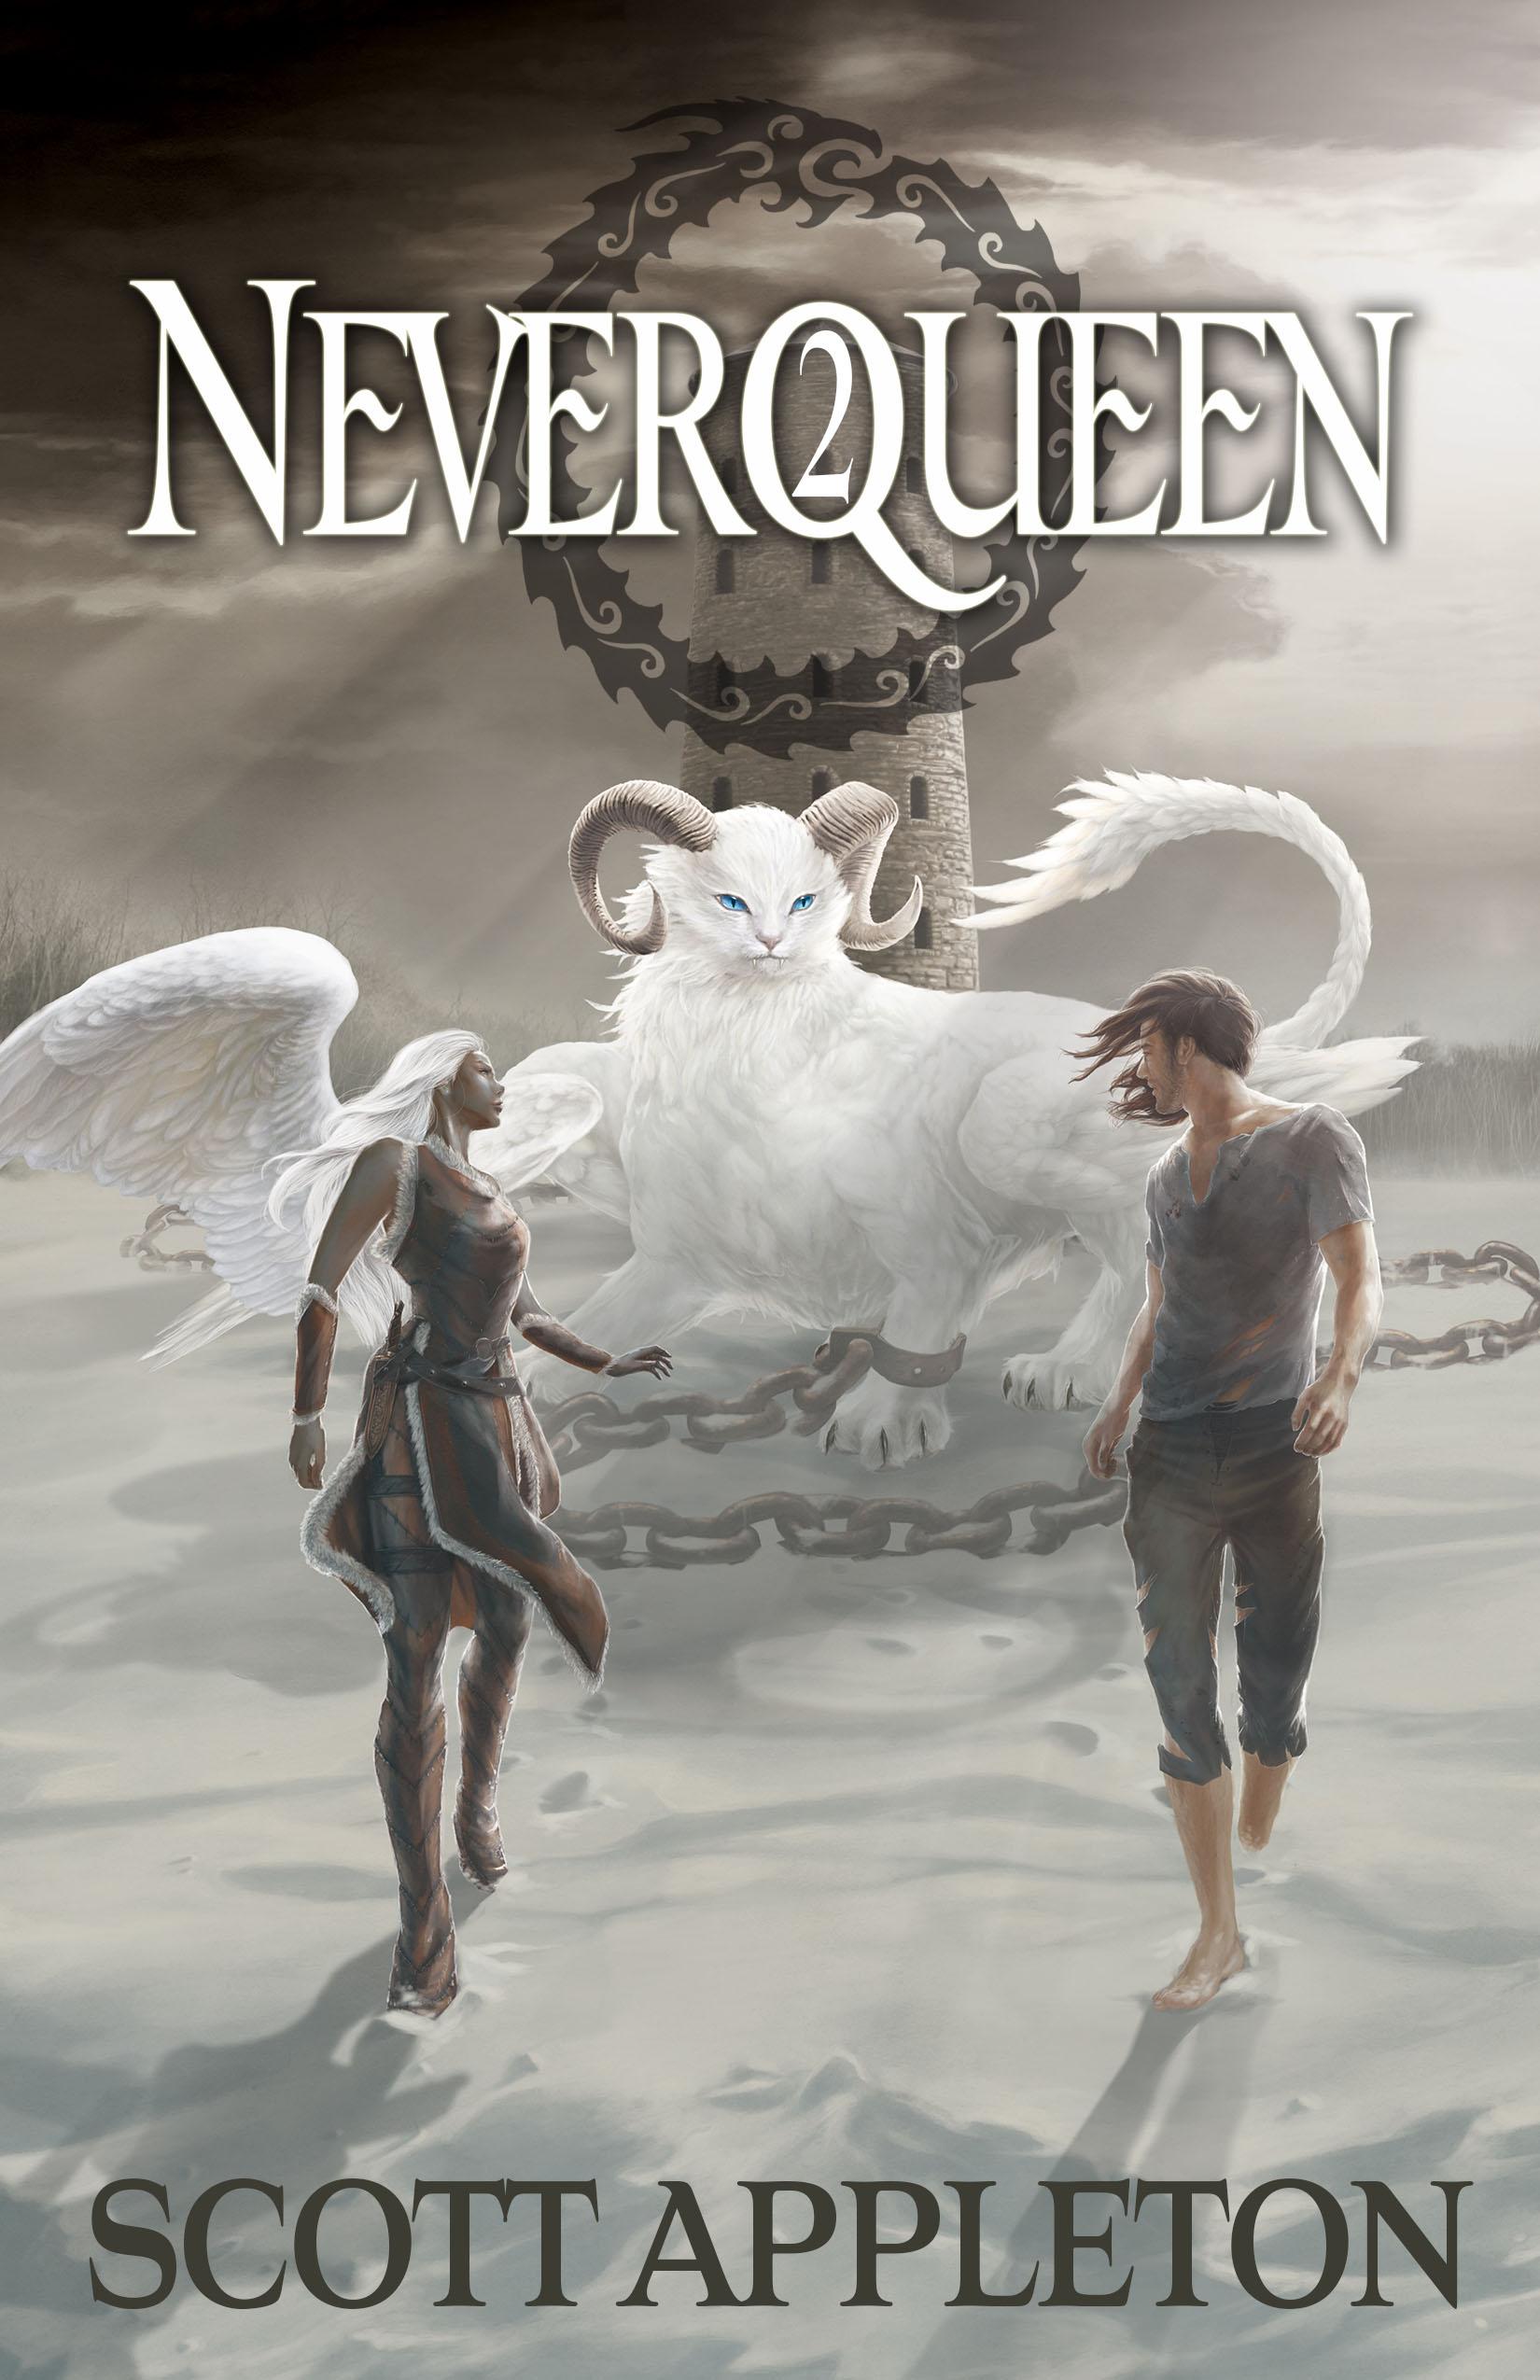 Neverqueen2